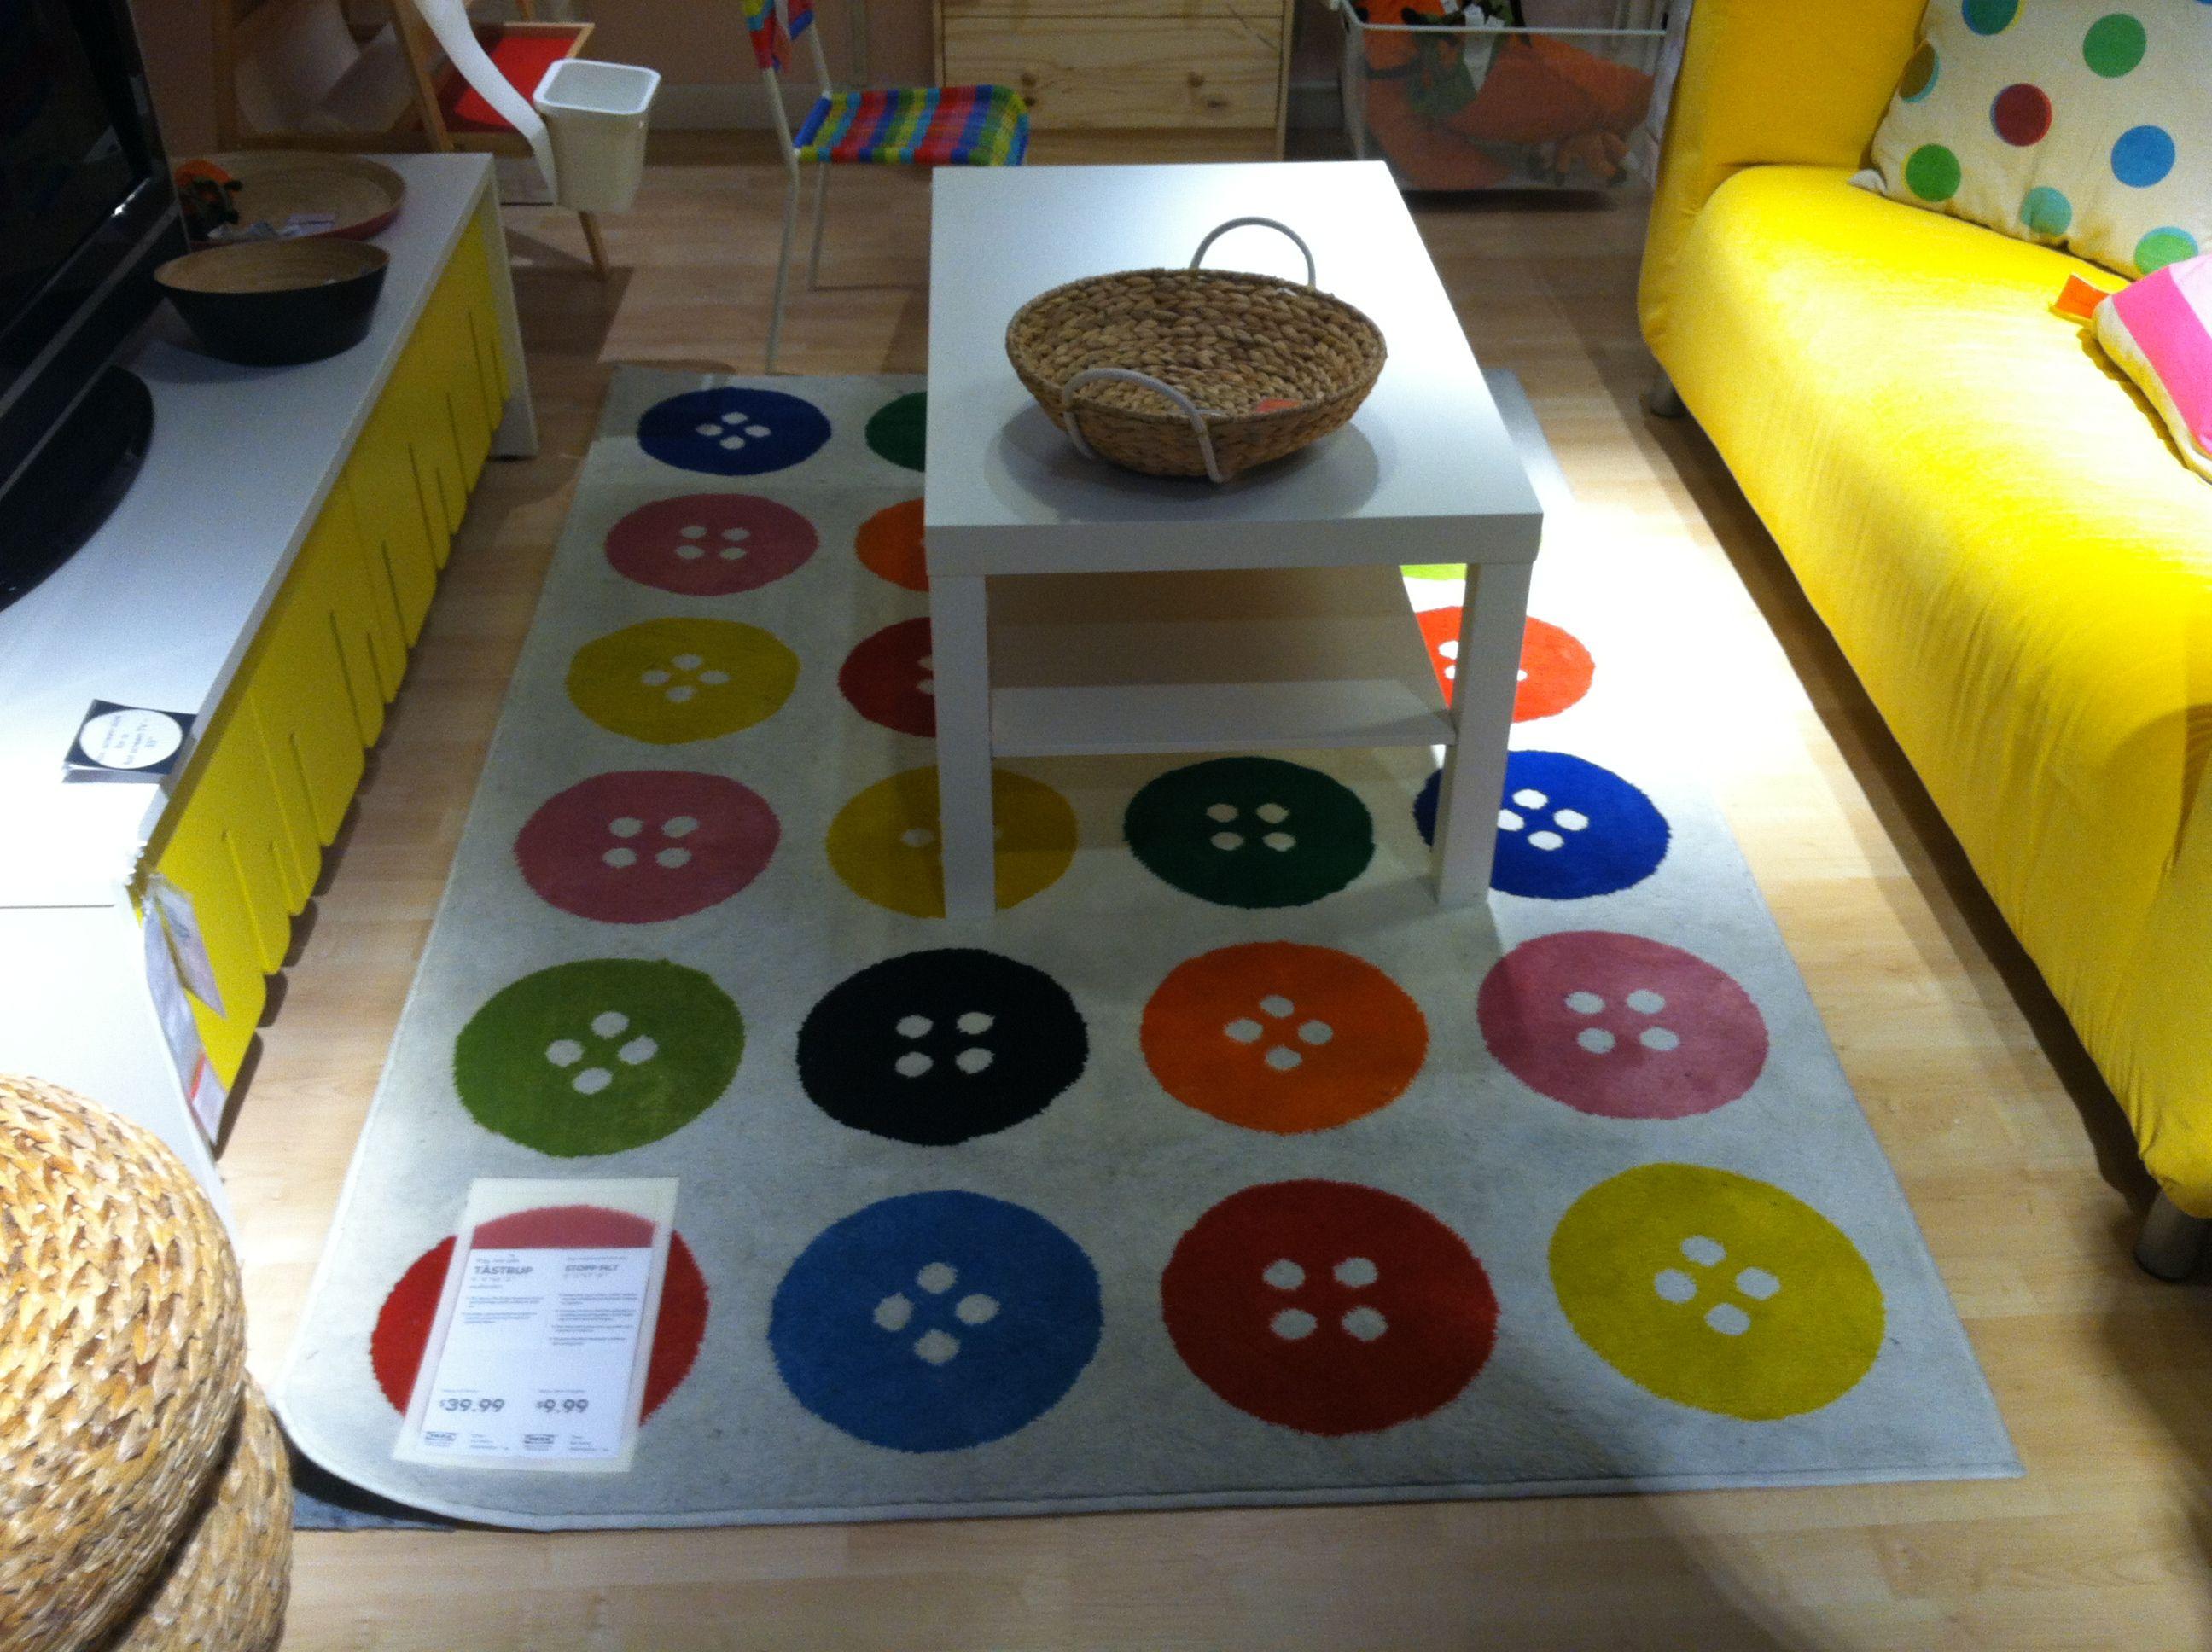 Ikea button rug 39.99 Asa's room in 2019 Ikea rug